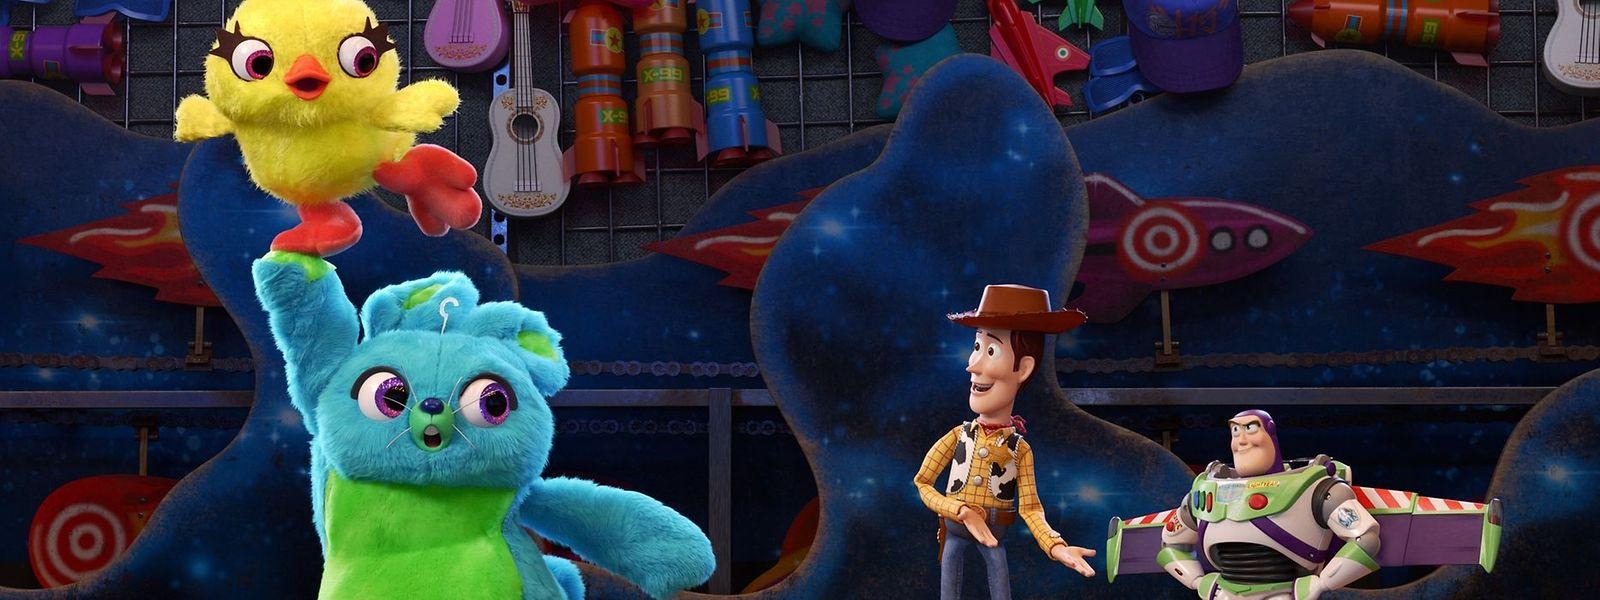 Die Helden von Toy Story kommen mit einem vierten Teil auf die Leinwand zurück.